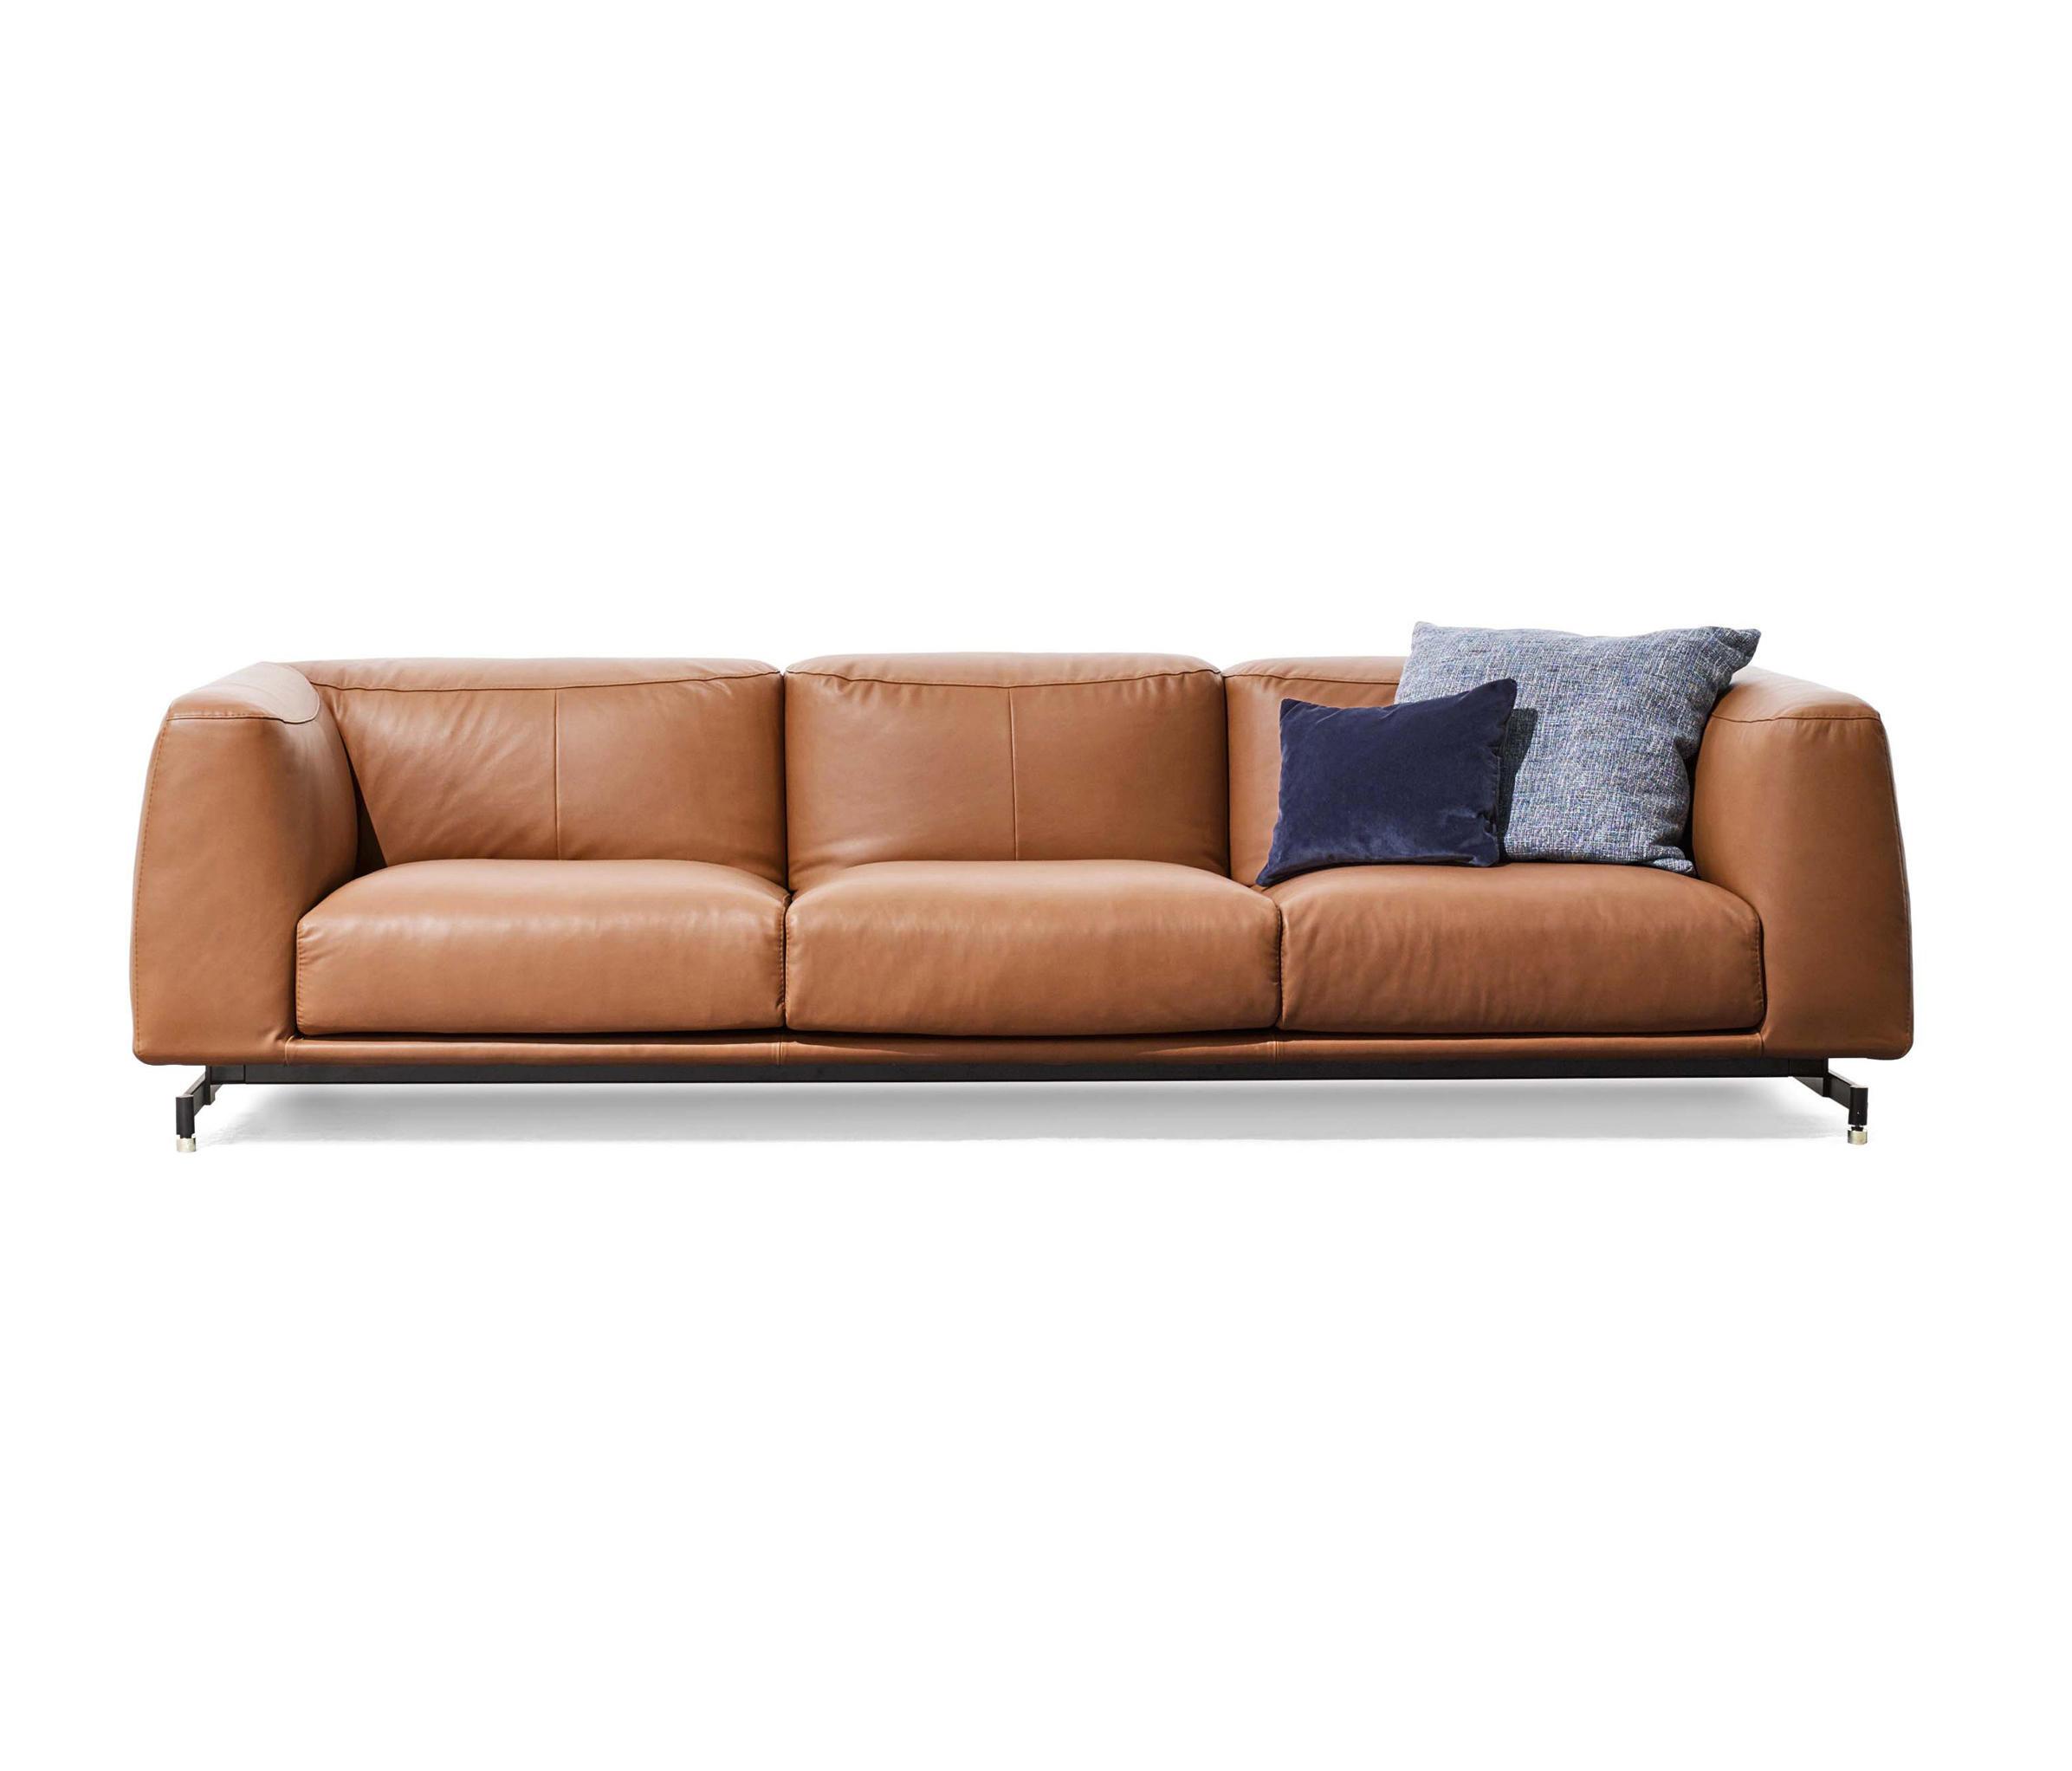 Mehrzahl Sofa  Mehrzahl Von Sofa Best Mehrzahl Von Sofa Great Sofa